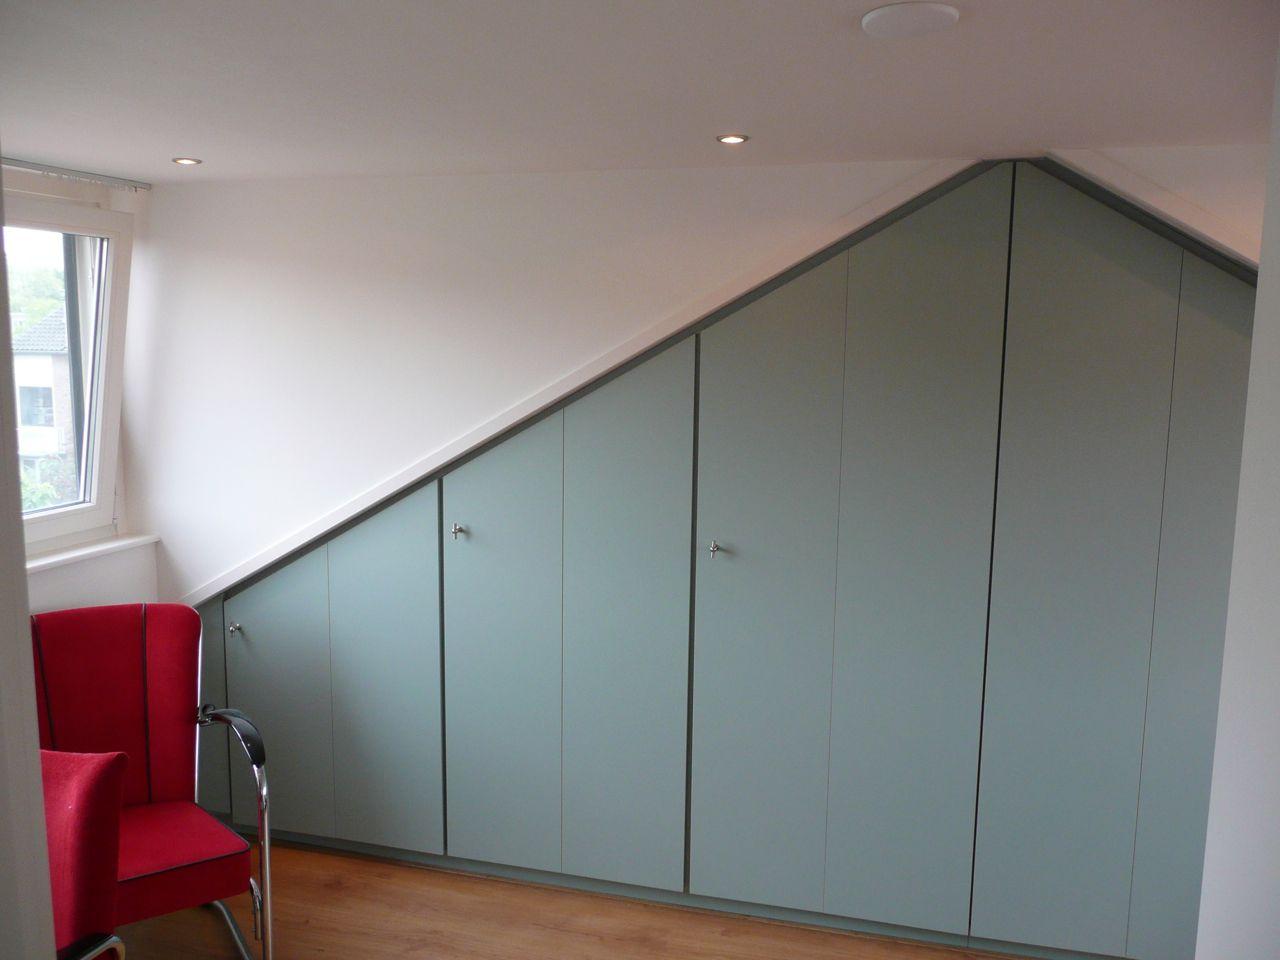 Zolder Kast Schuine Wand: Kasten onder een schuin dak. Kastruimte op ...